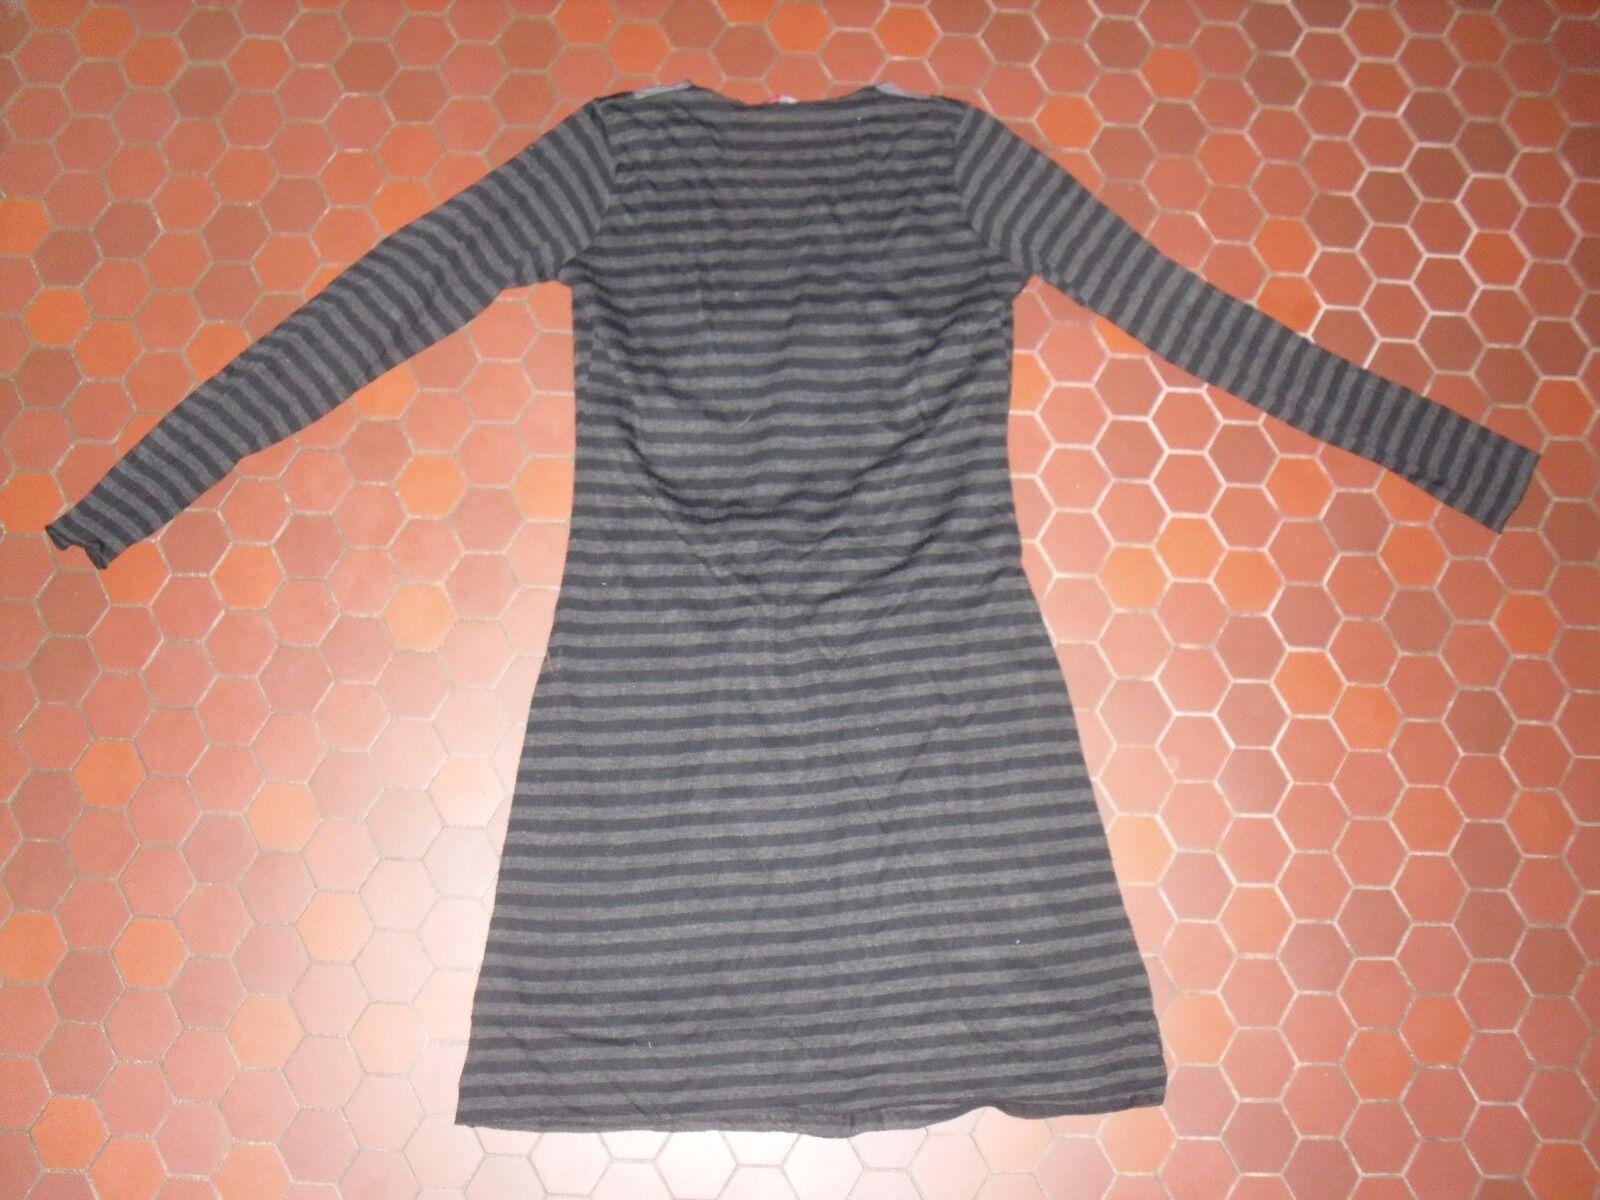 Robe noire moulante rayé noire Robe grise femme LA MODE EST A VOUS taille 38 1f51c2